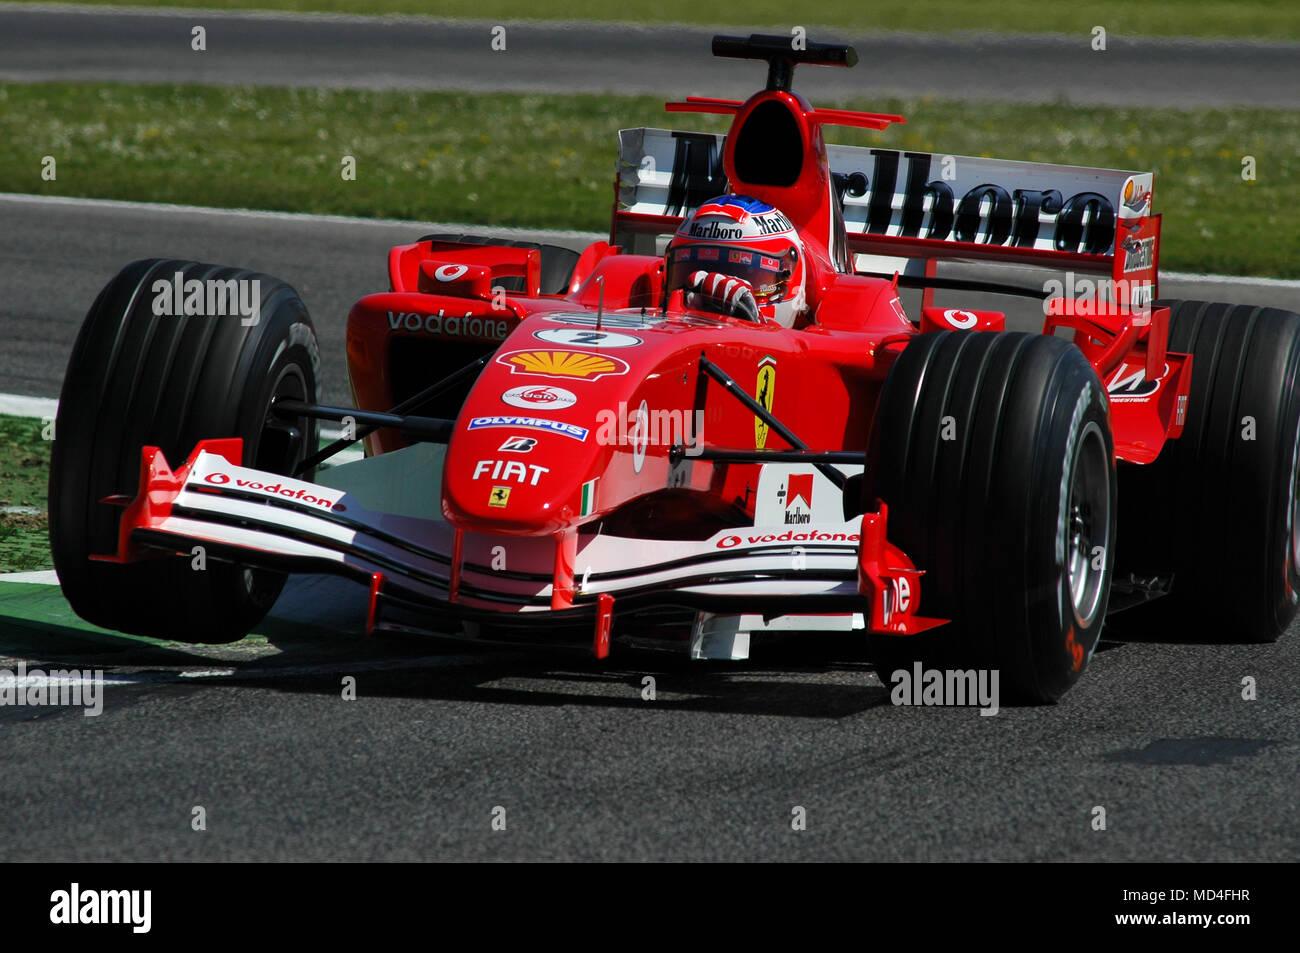 22 April 2005 Grand Prix Von San Marino Der Formel 1 Rubens Barrichello Fahren Ferrari F1 Während Qualyfing Sitzung In Imola In Italien Stockfotografie Alamy